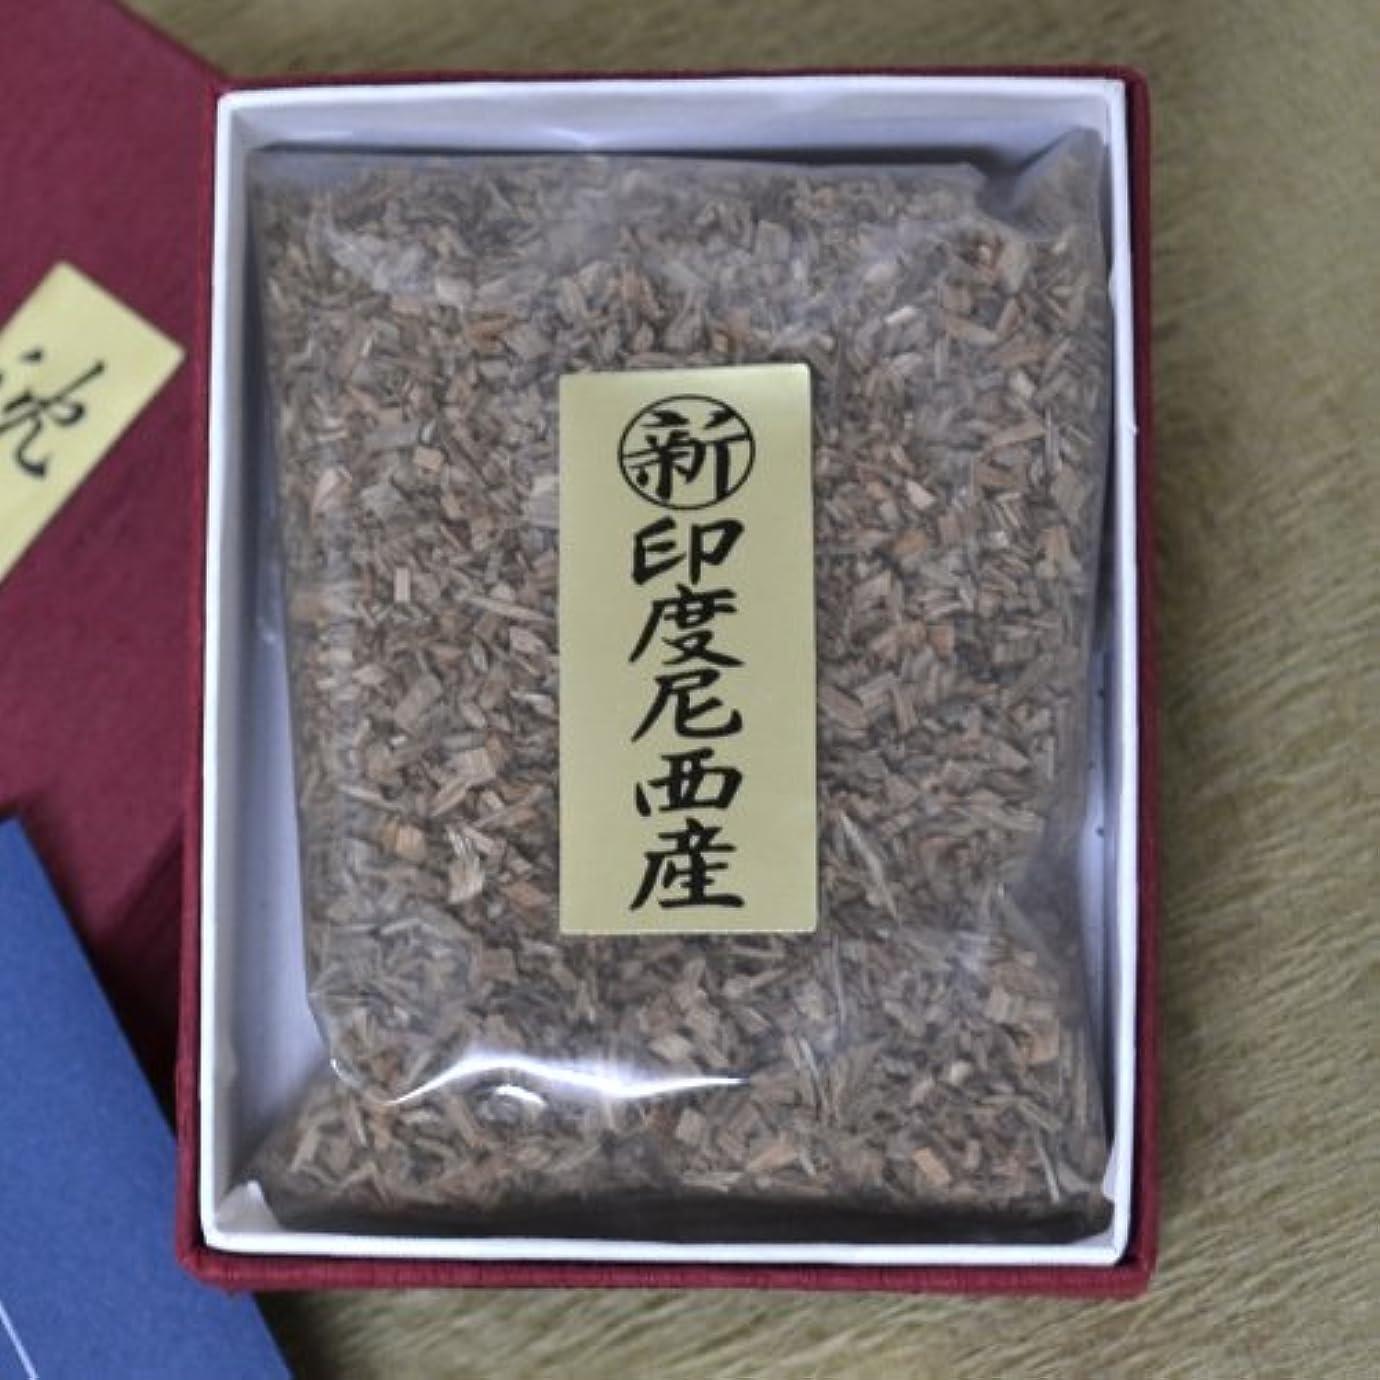 文明アトムたまに香木 お焼香 新インドネシア産 沈香 【最高級品】 18g